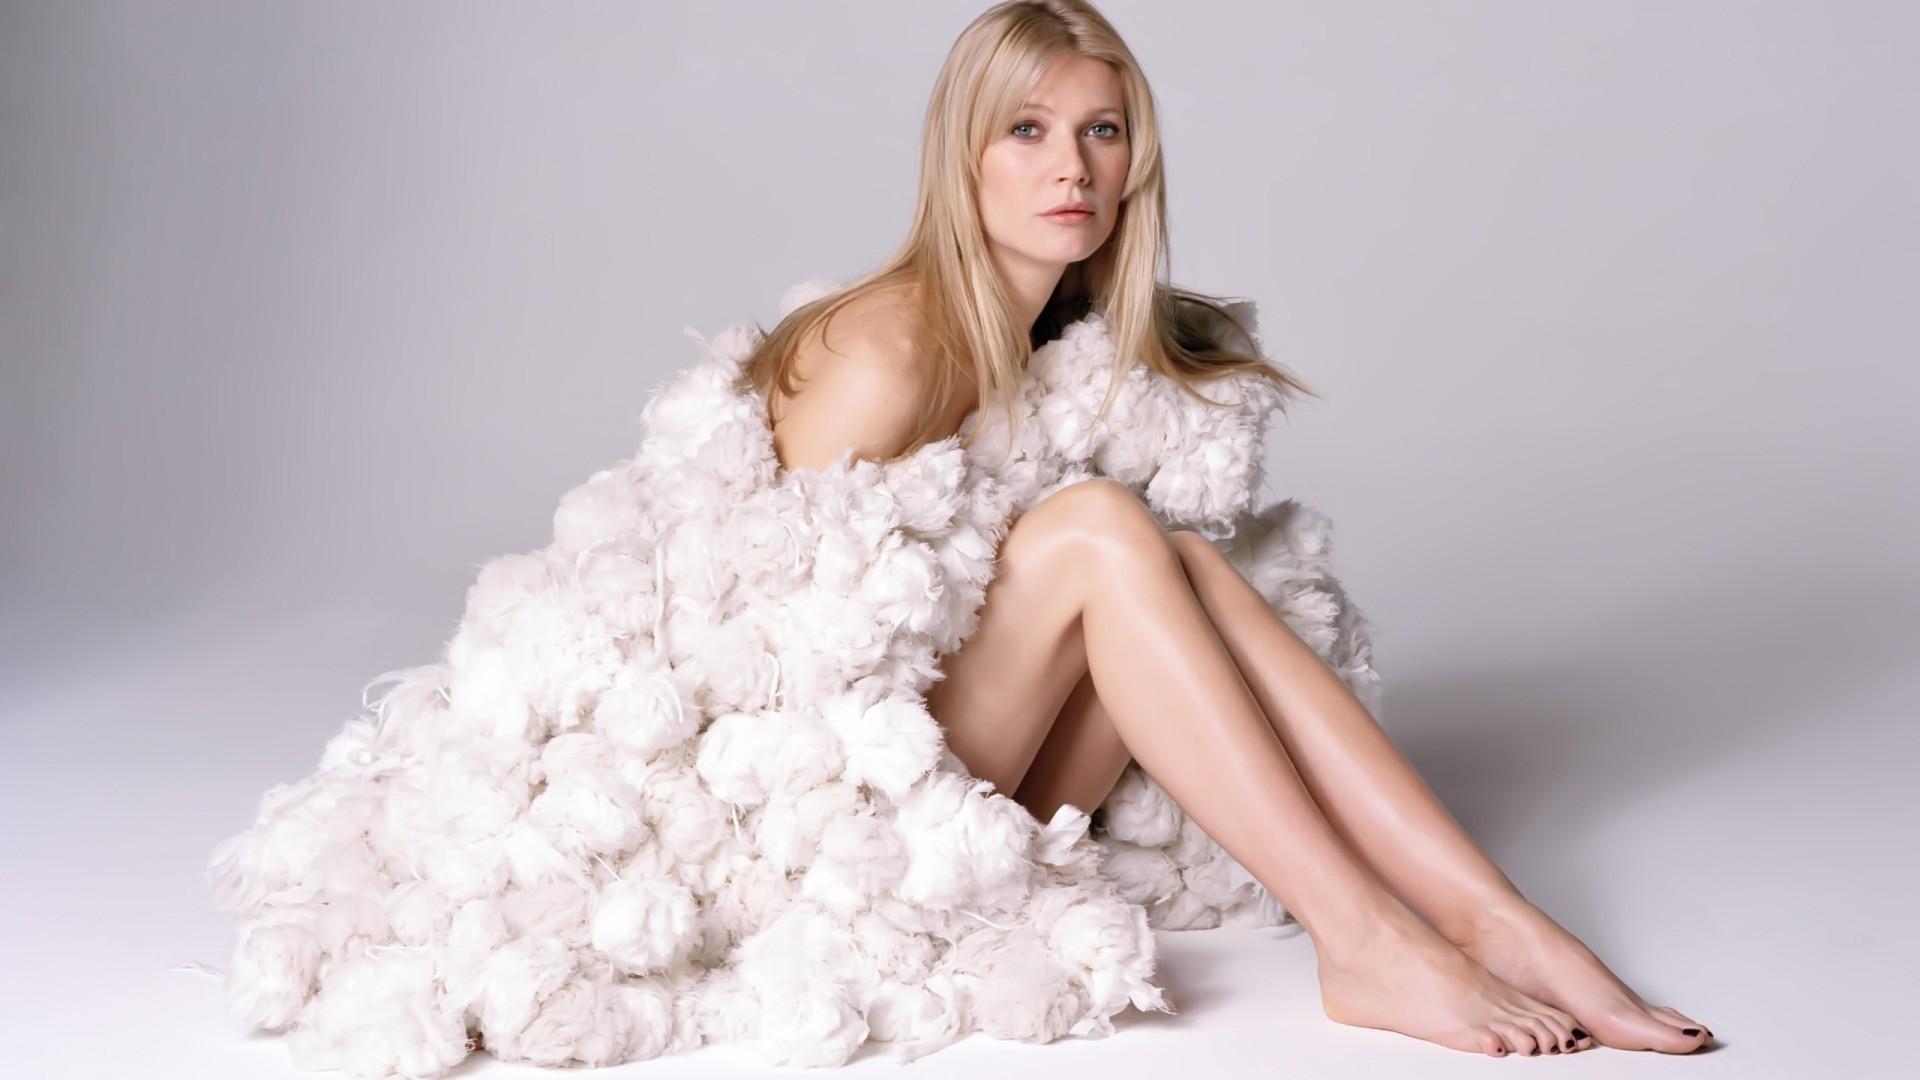 gwyneth paltrow nackte nackte bilder kostenloser download